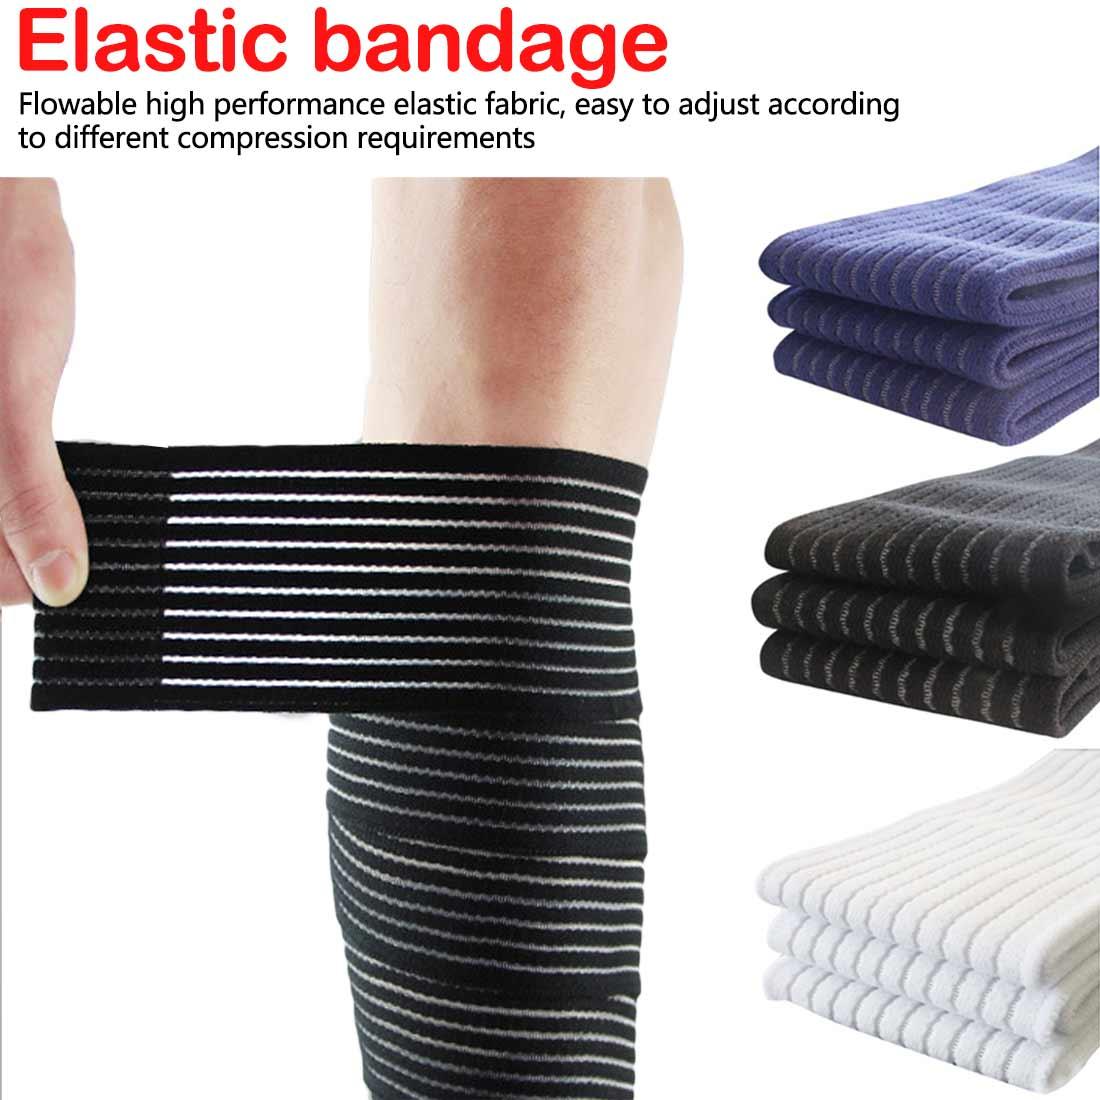 1 pçs elástico bandagem protetor de fita para tornozelo perna envoltório de pulso engrenagem protetora esporte joelho suporte cinta shin guard compressão